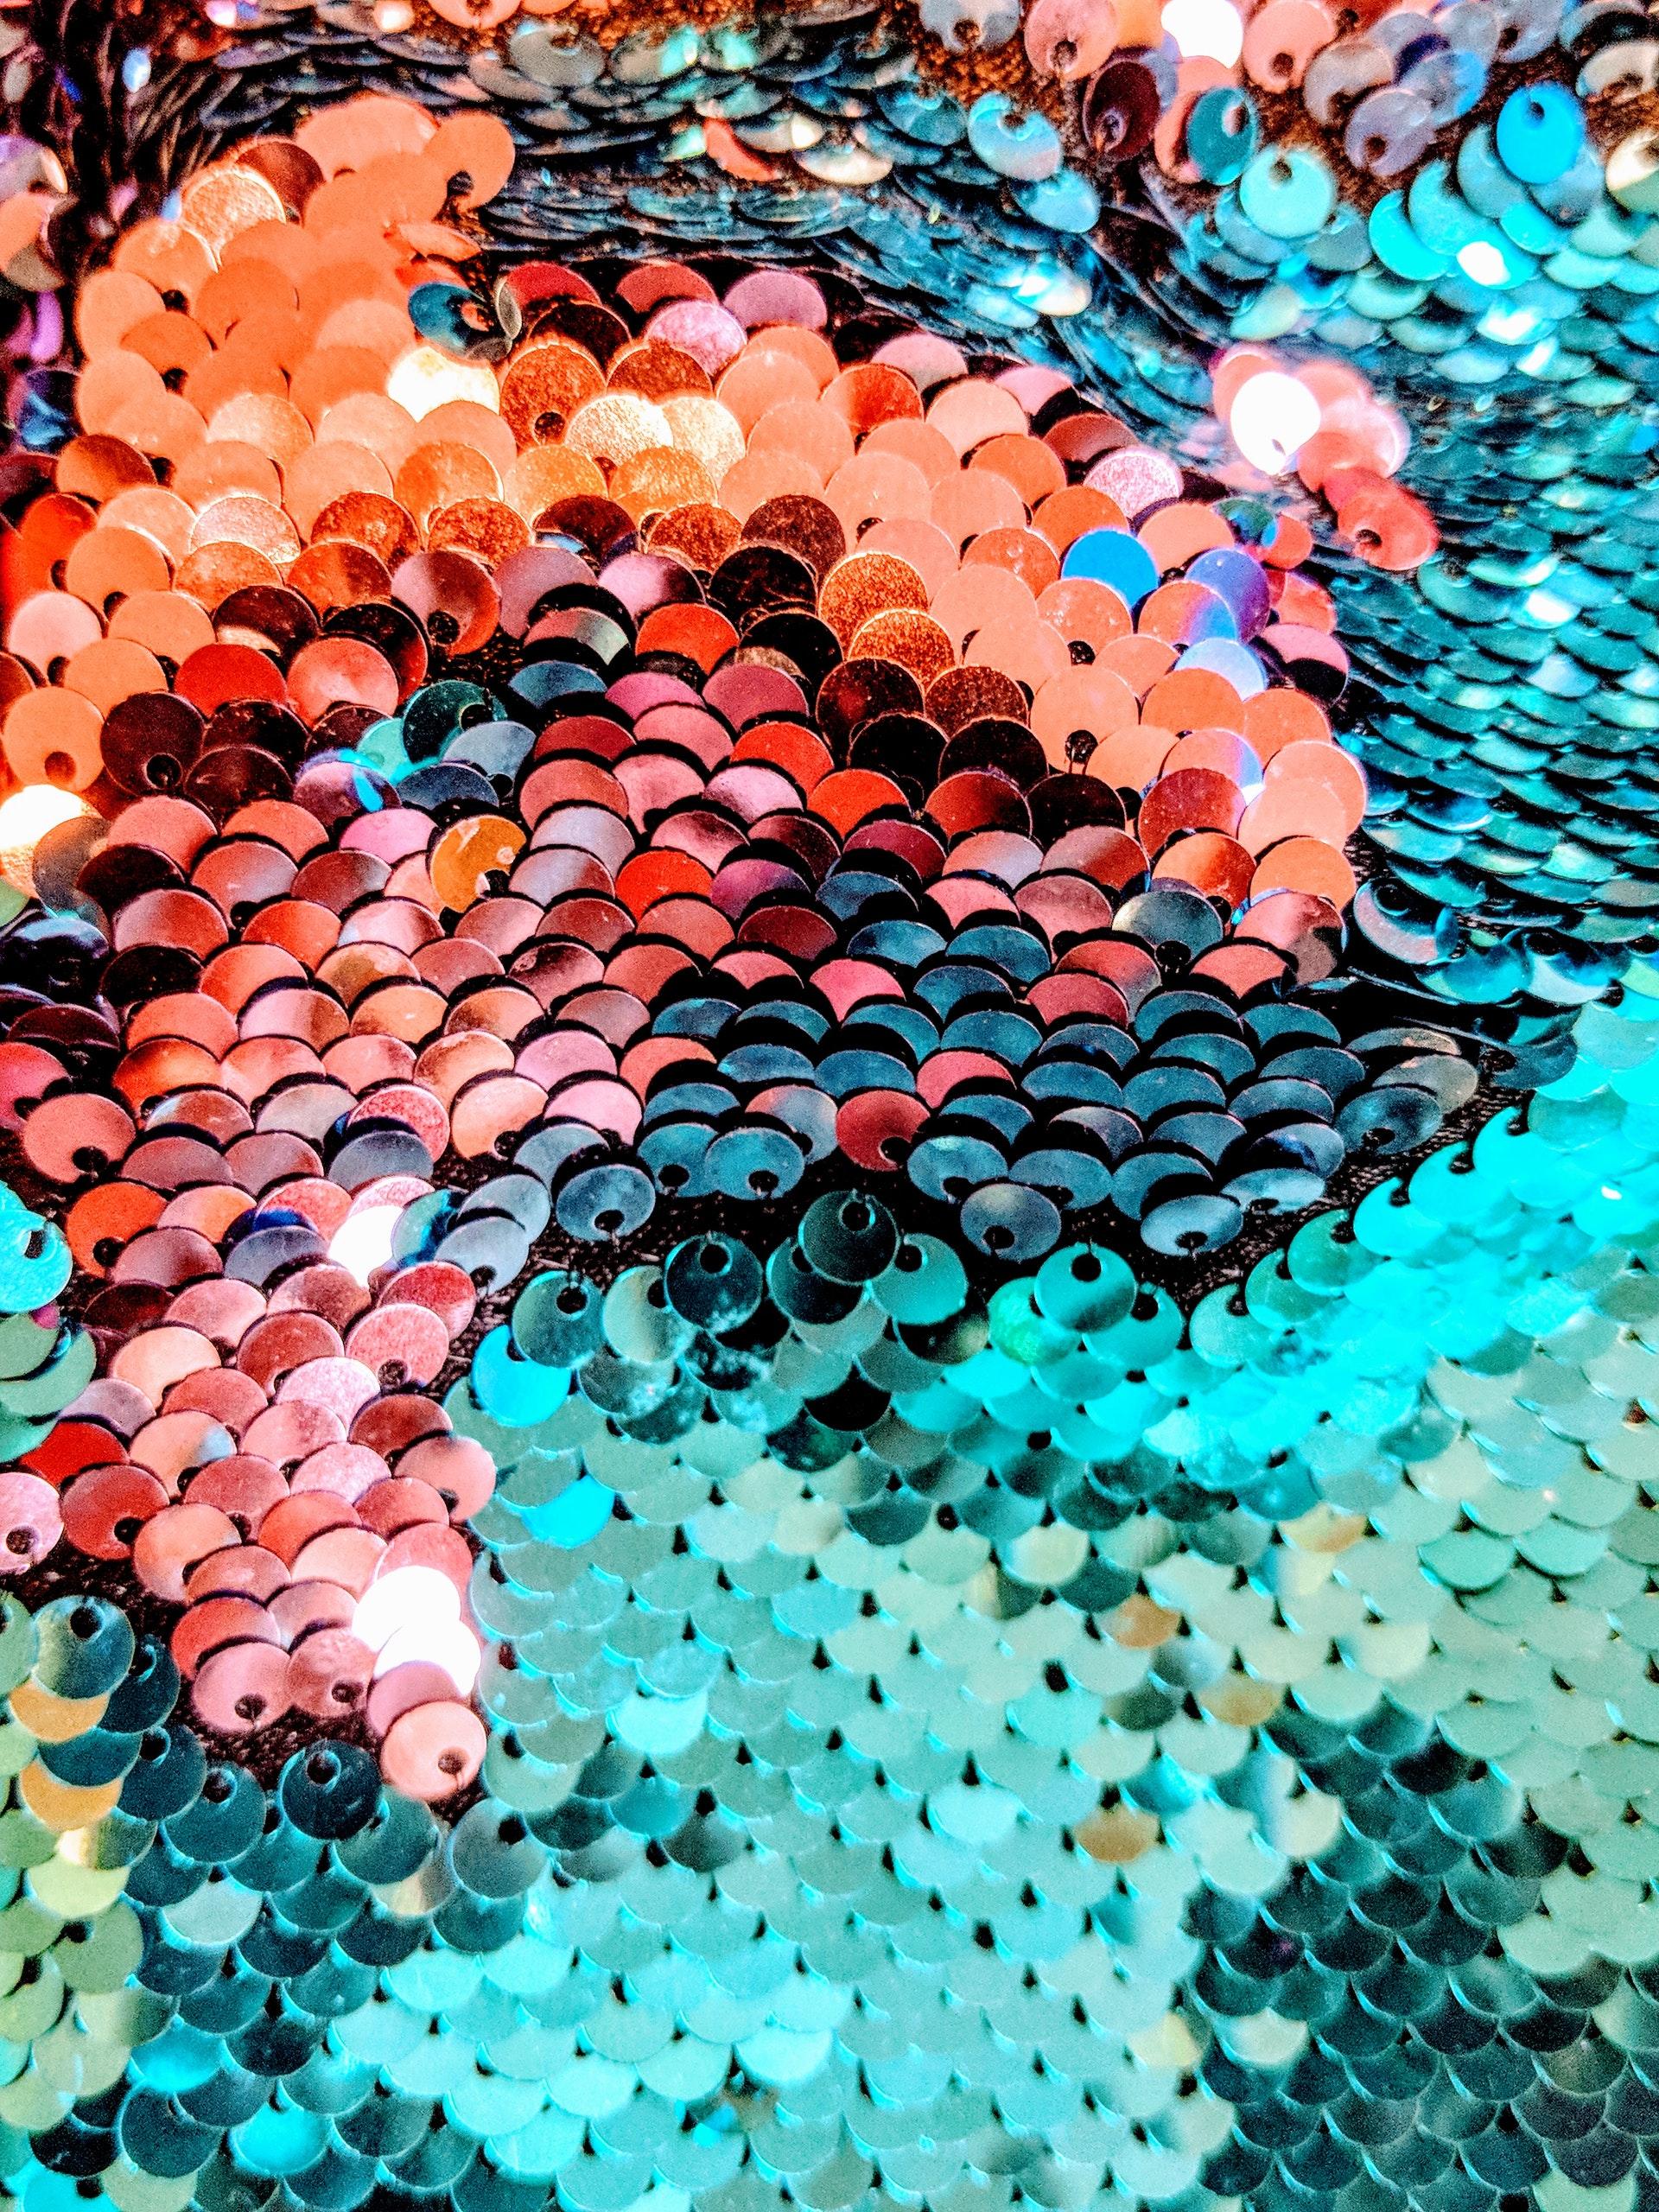 multicolored-sequin-lot-1089027